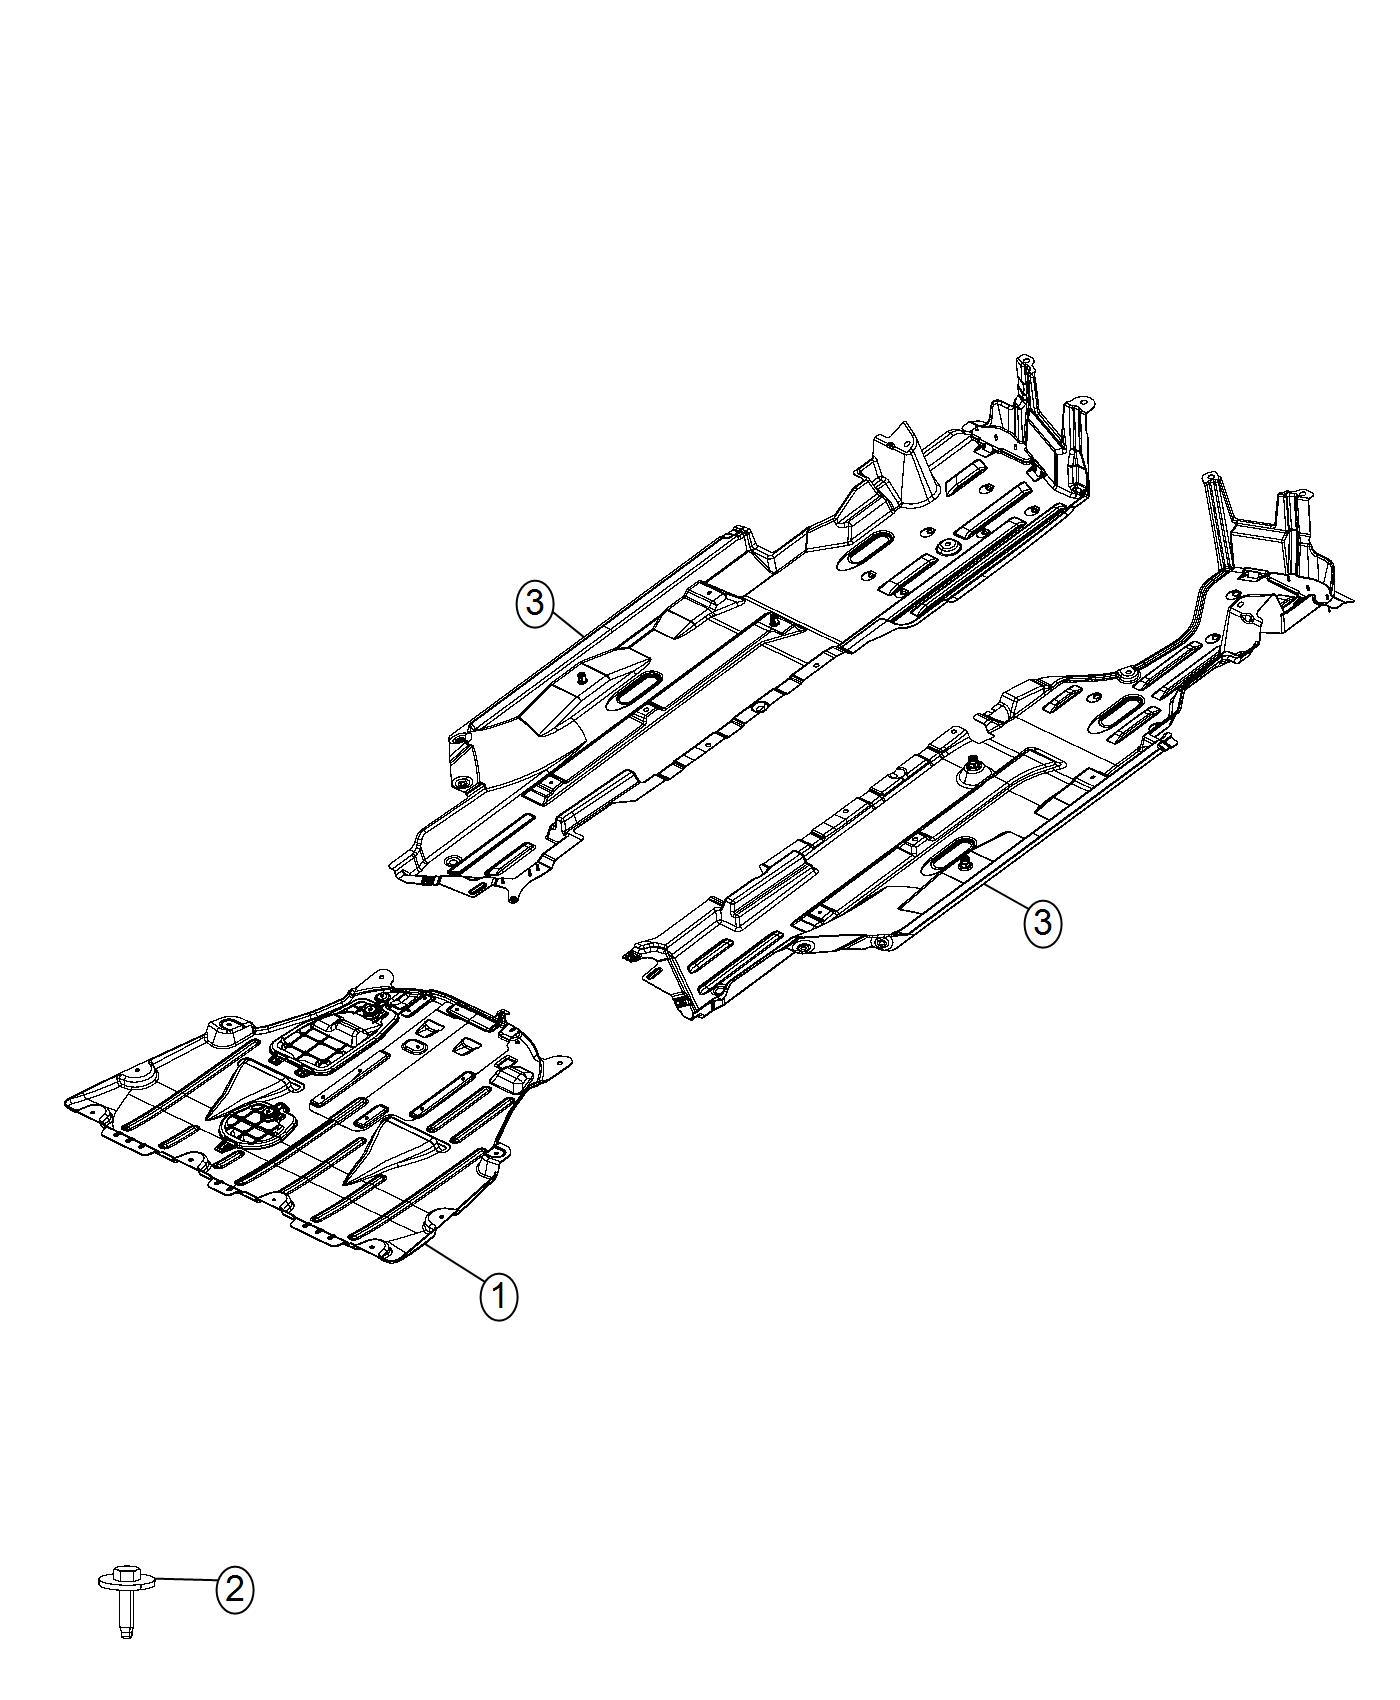 Chrysler 200 Belly Pan Front 3 6l V6 24v Vvt Engine